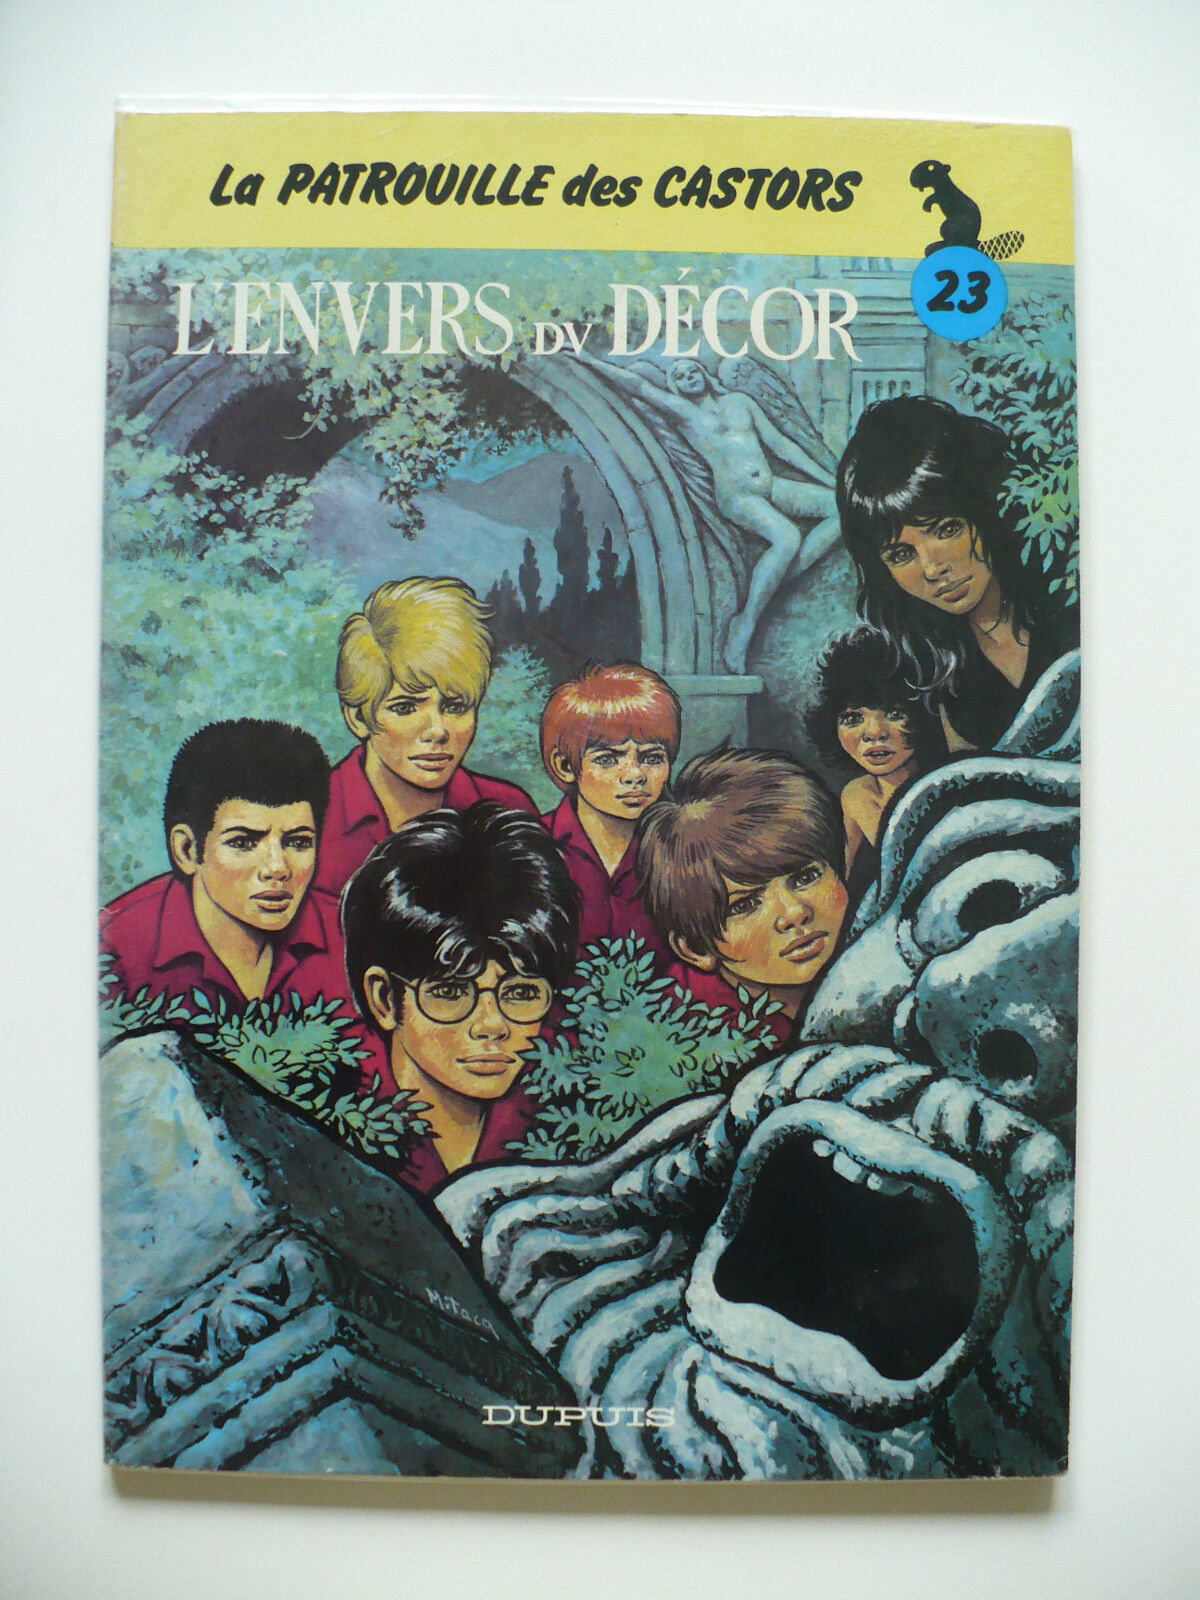 EO (très bel état) - La patrouille des Castors 23 (l'envers du décor) - 1983